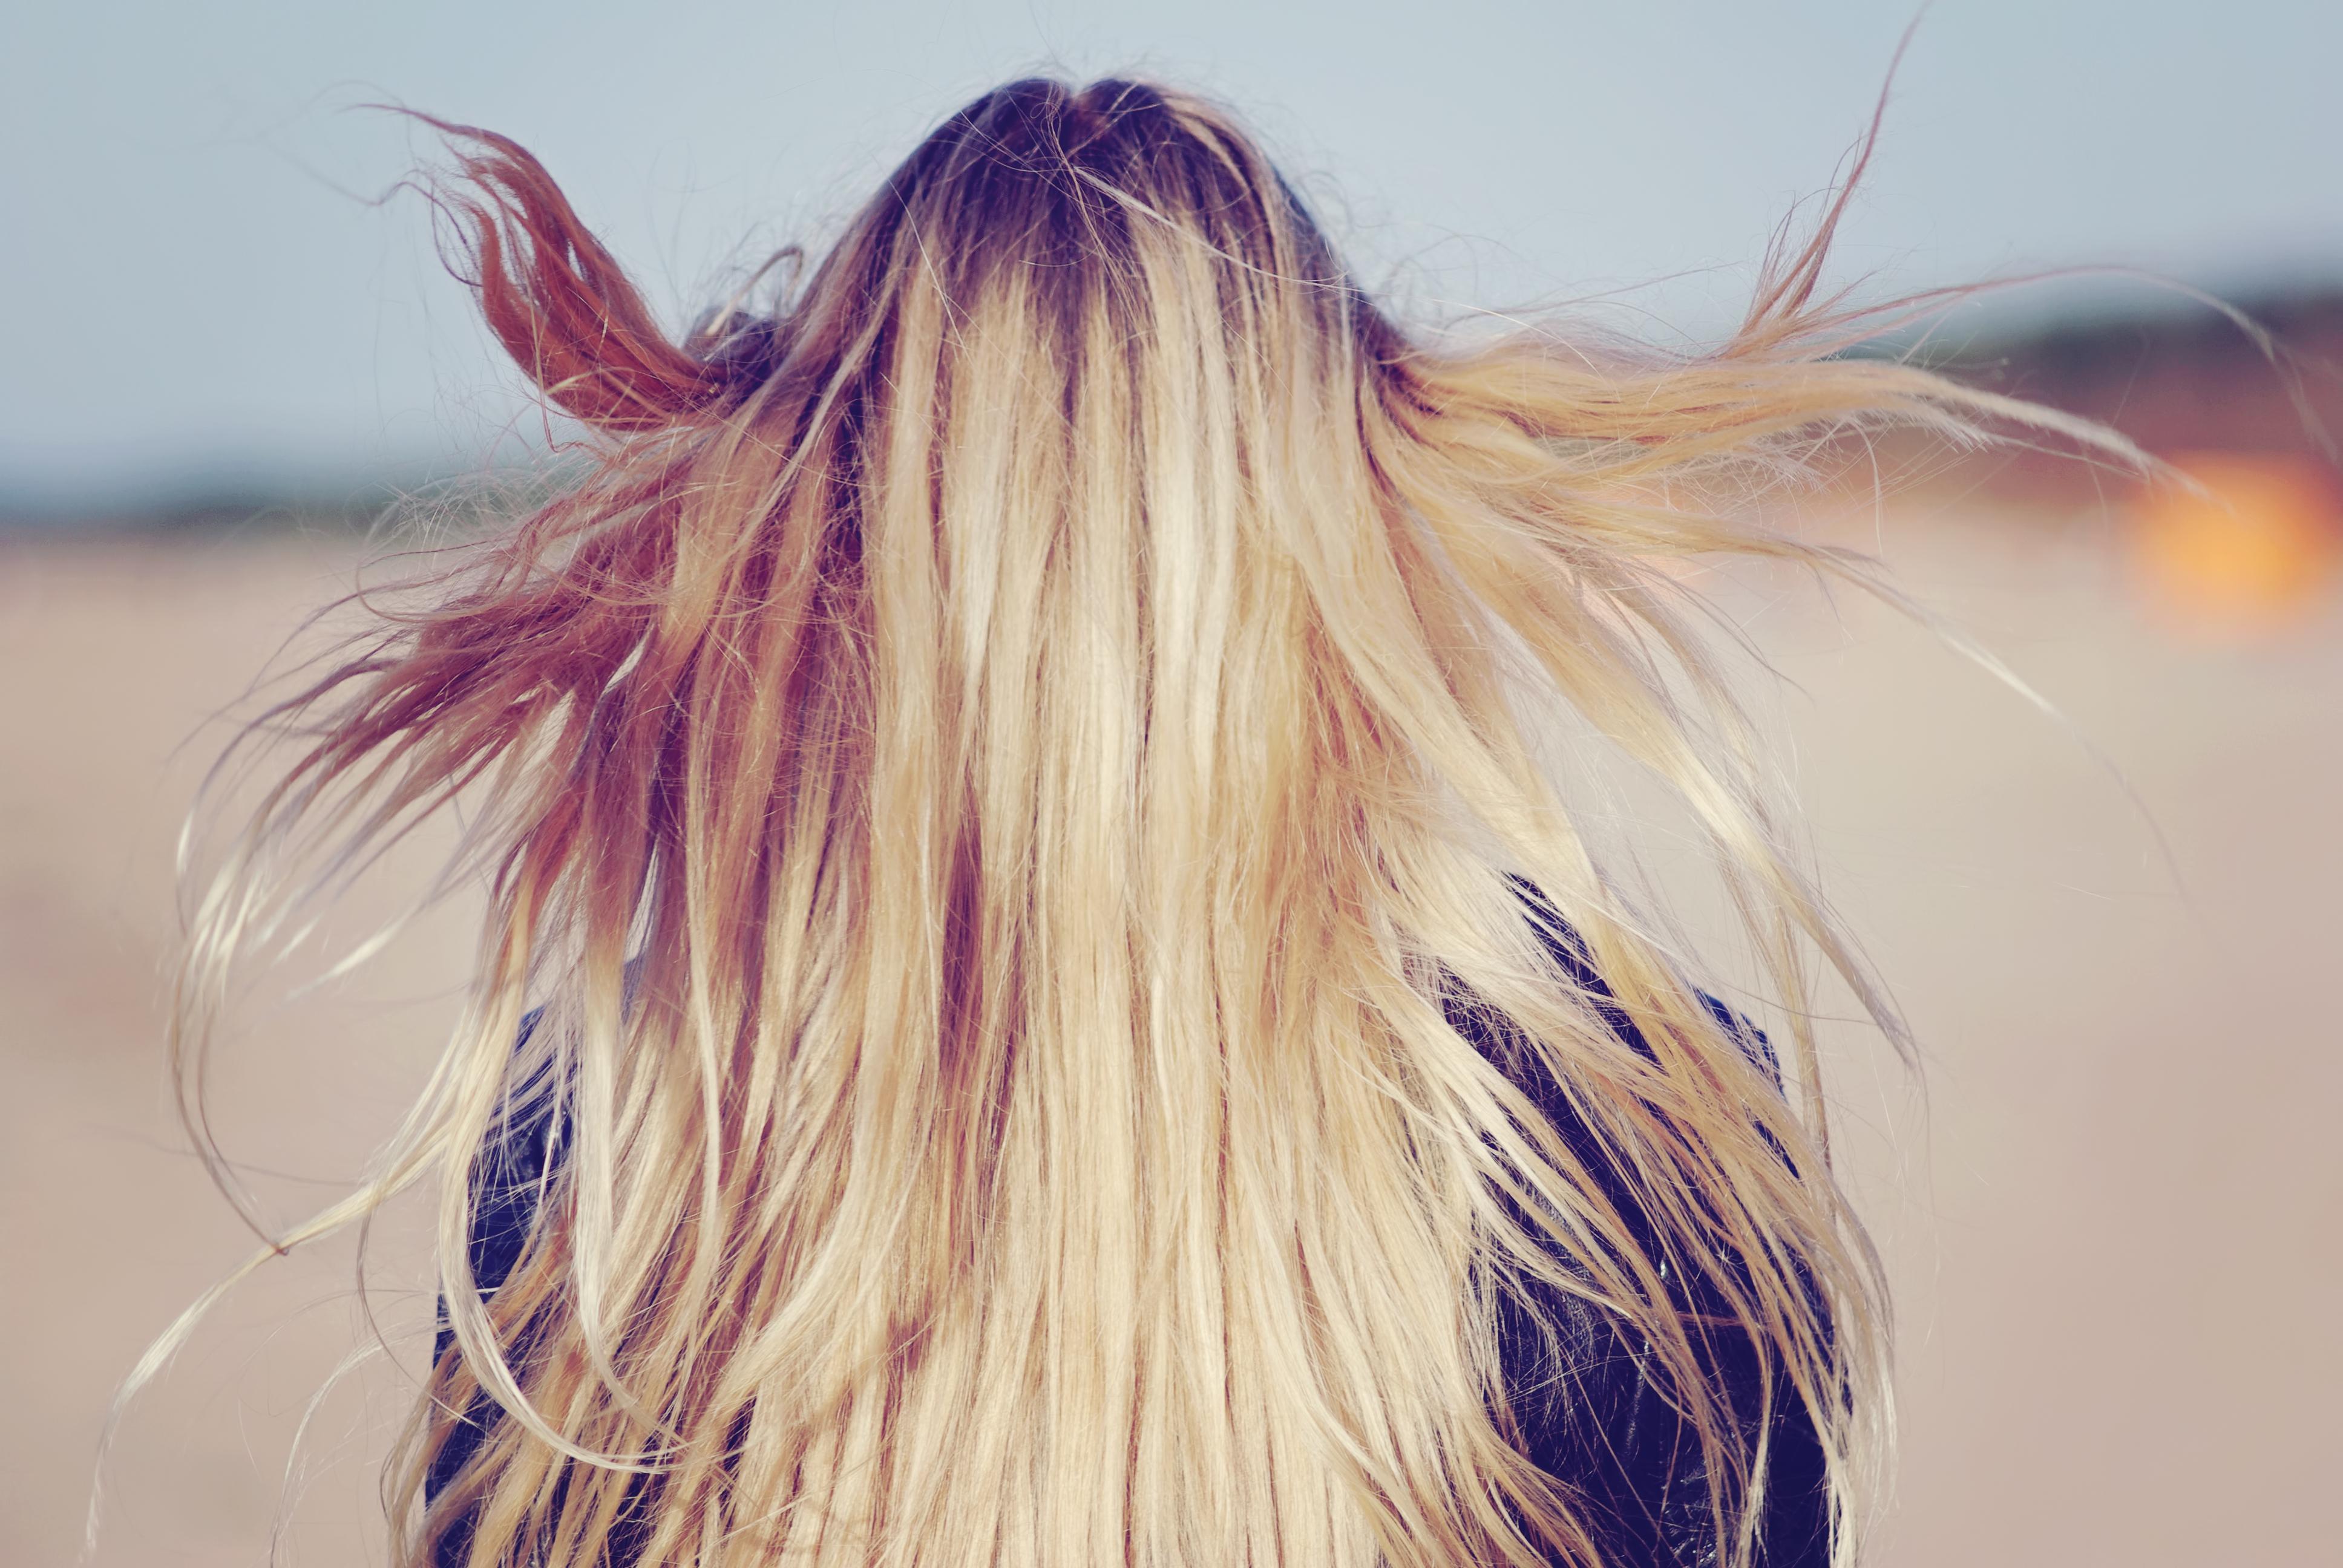 Bye, bye fijn haar! Zo krijg je eindelijk een volumineuze haardos